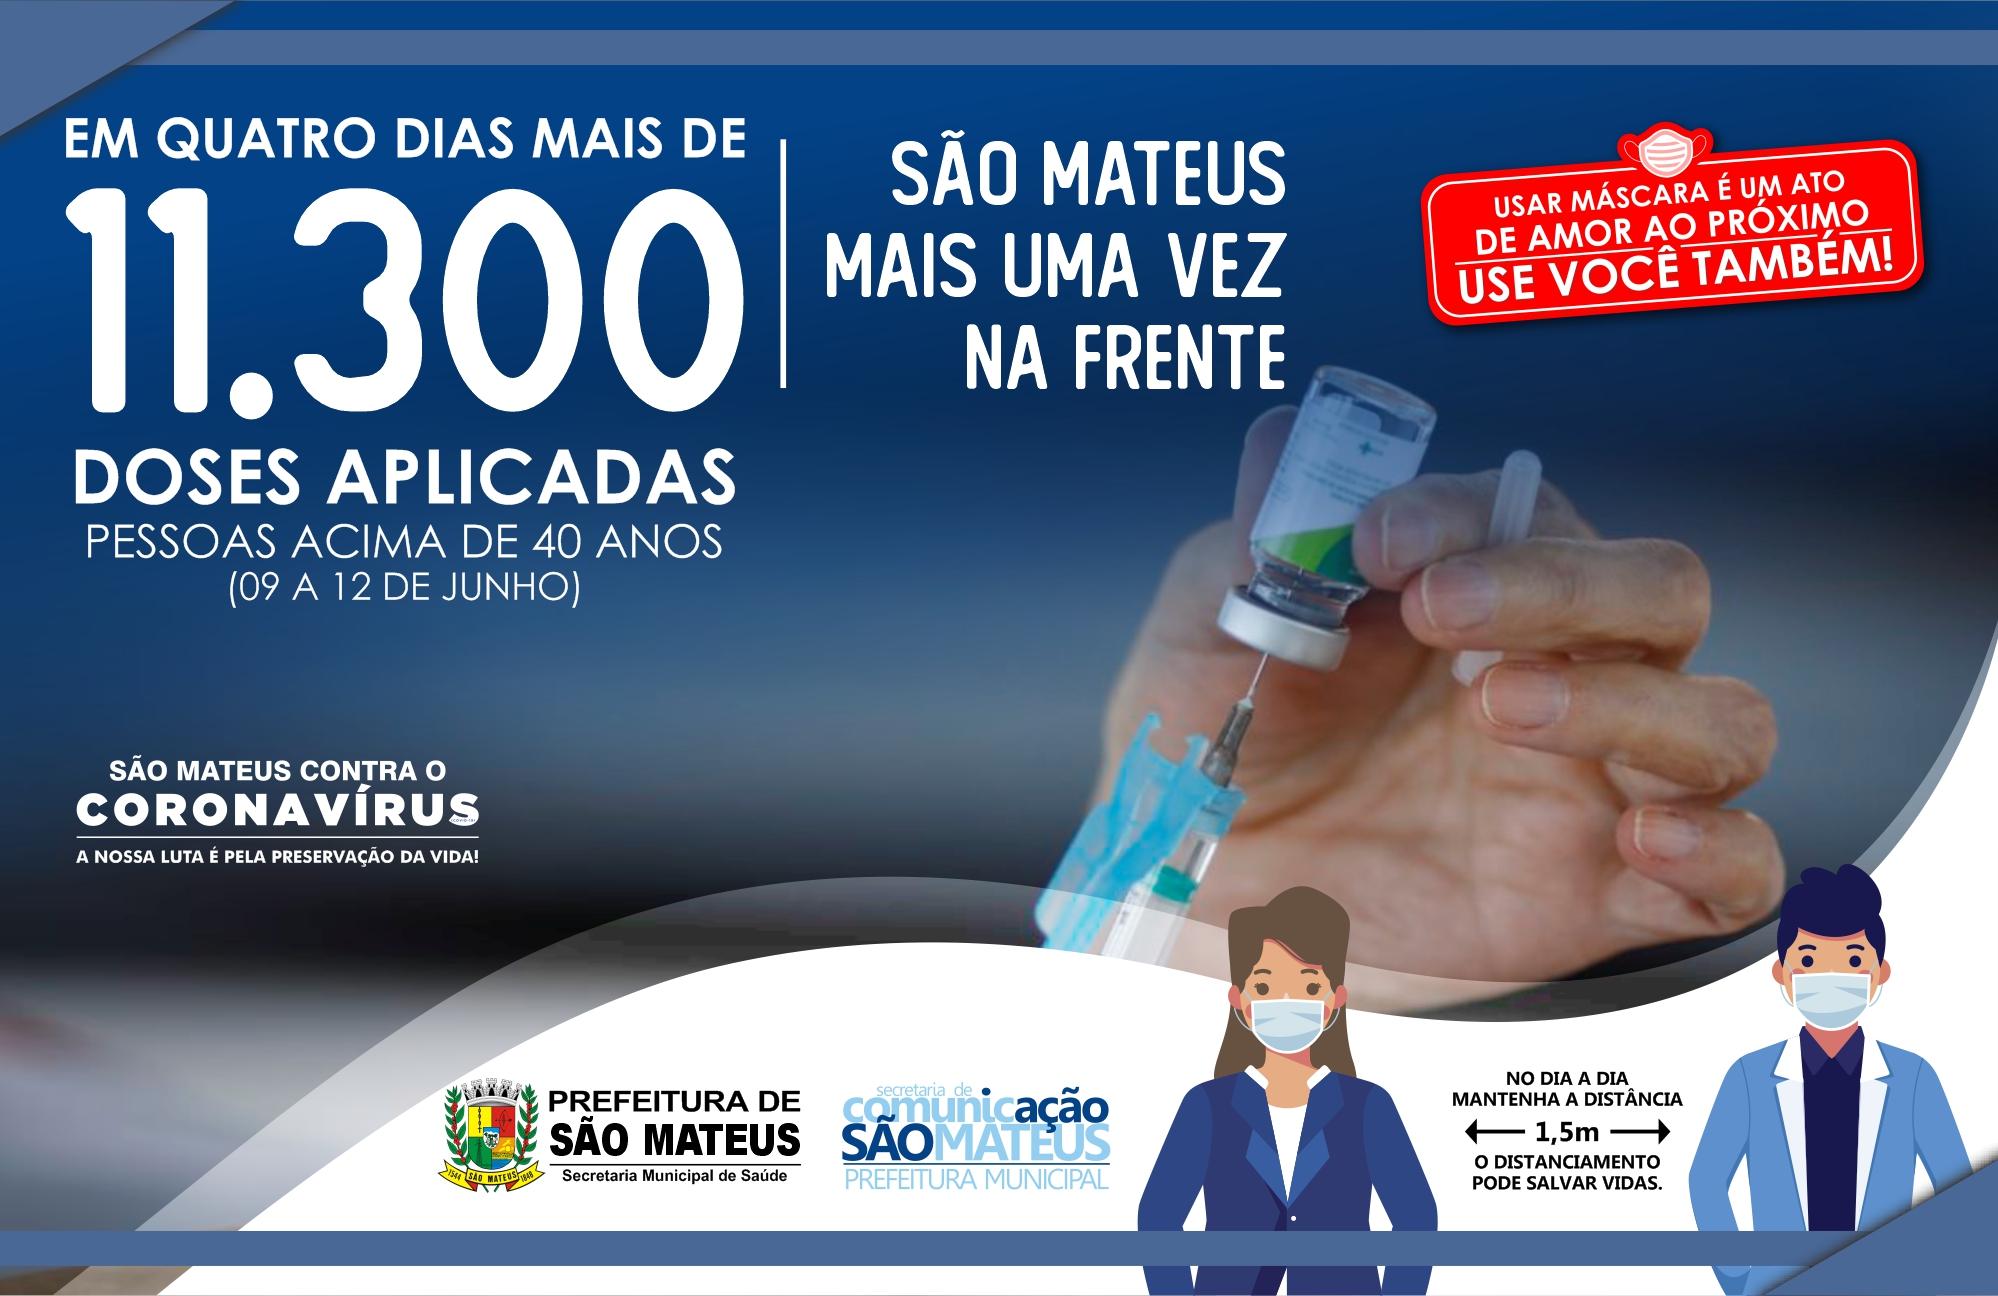 COVID-19: SÃO MATEUS VACINA MAIS DE 11.000 PESSOAS EM AÇÃO ESPECIAL PARA PÚBLICO ACIMA DE 40 ANOS